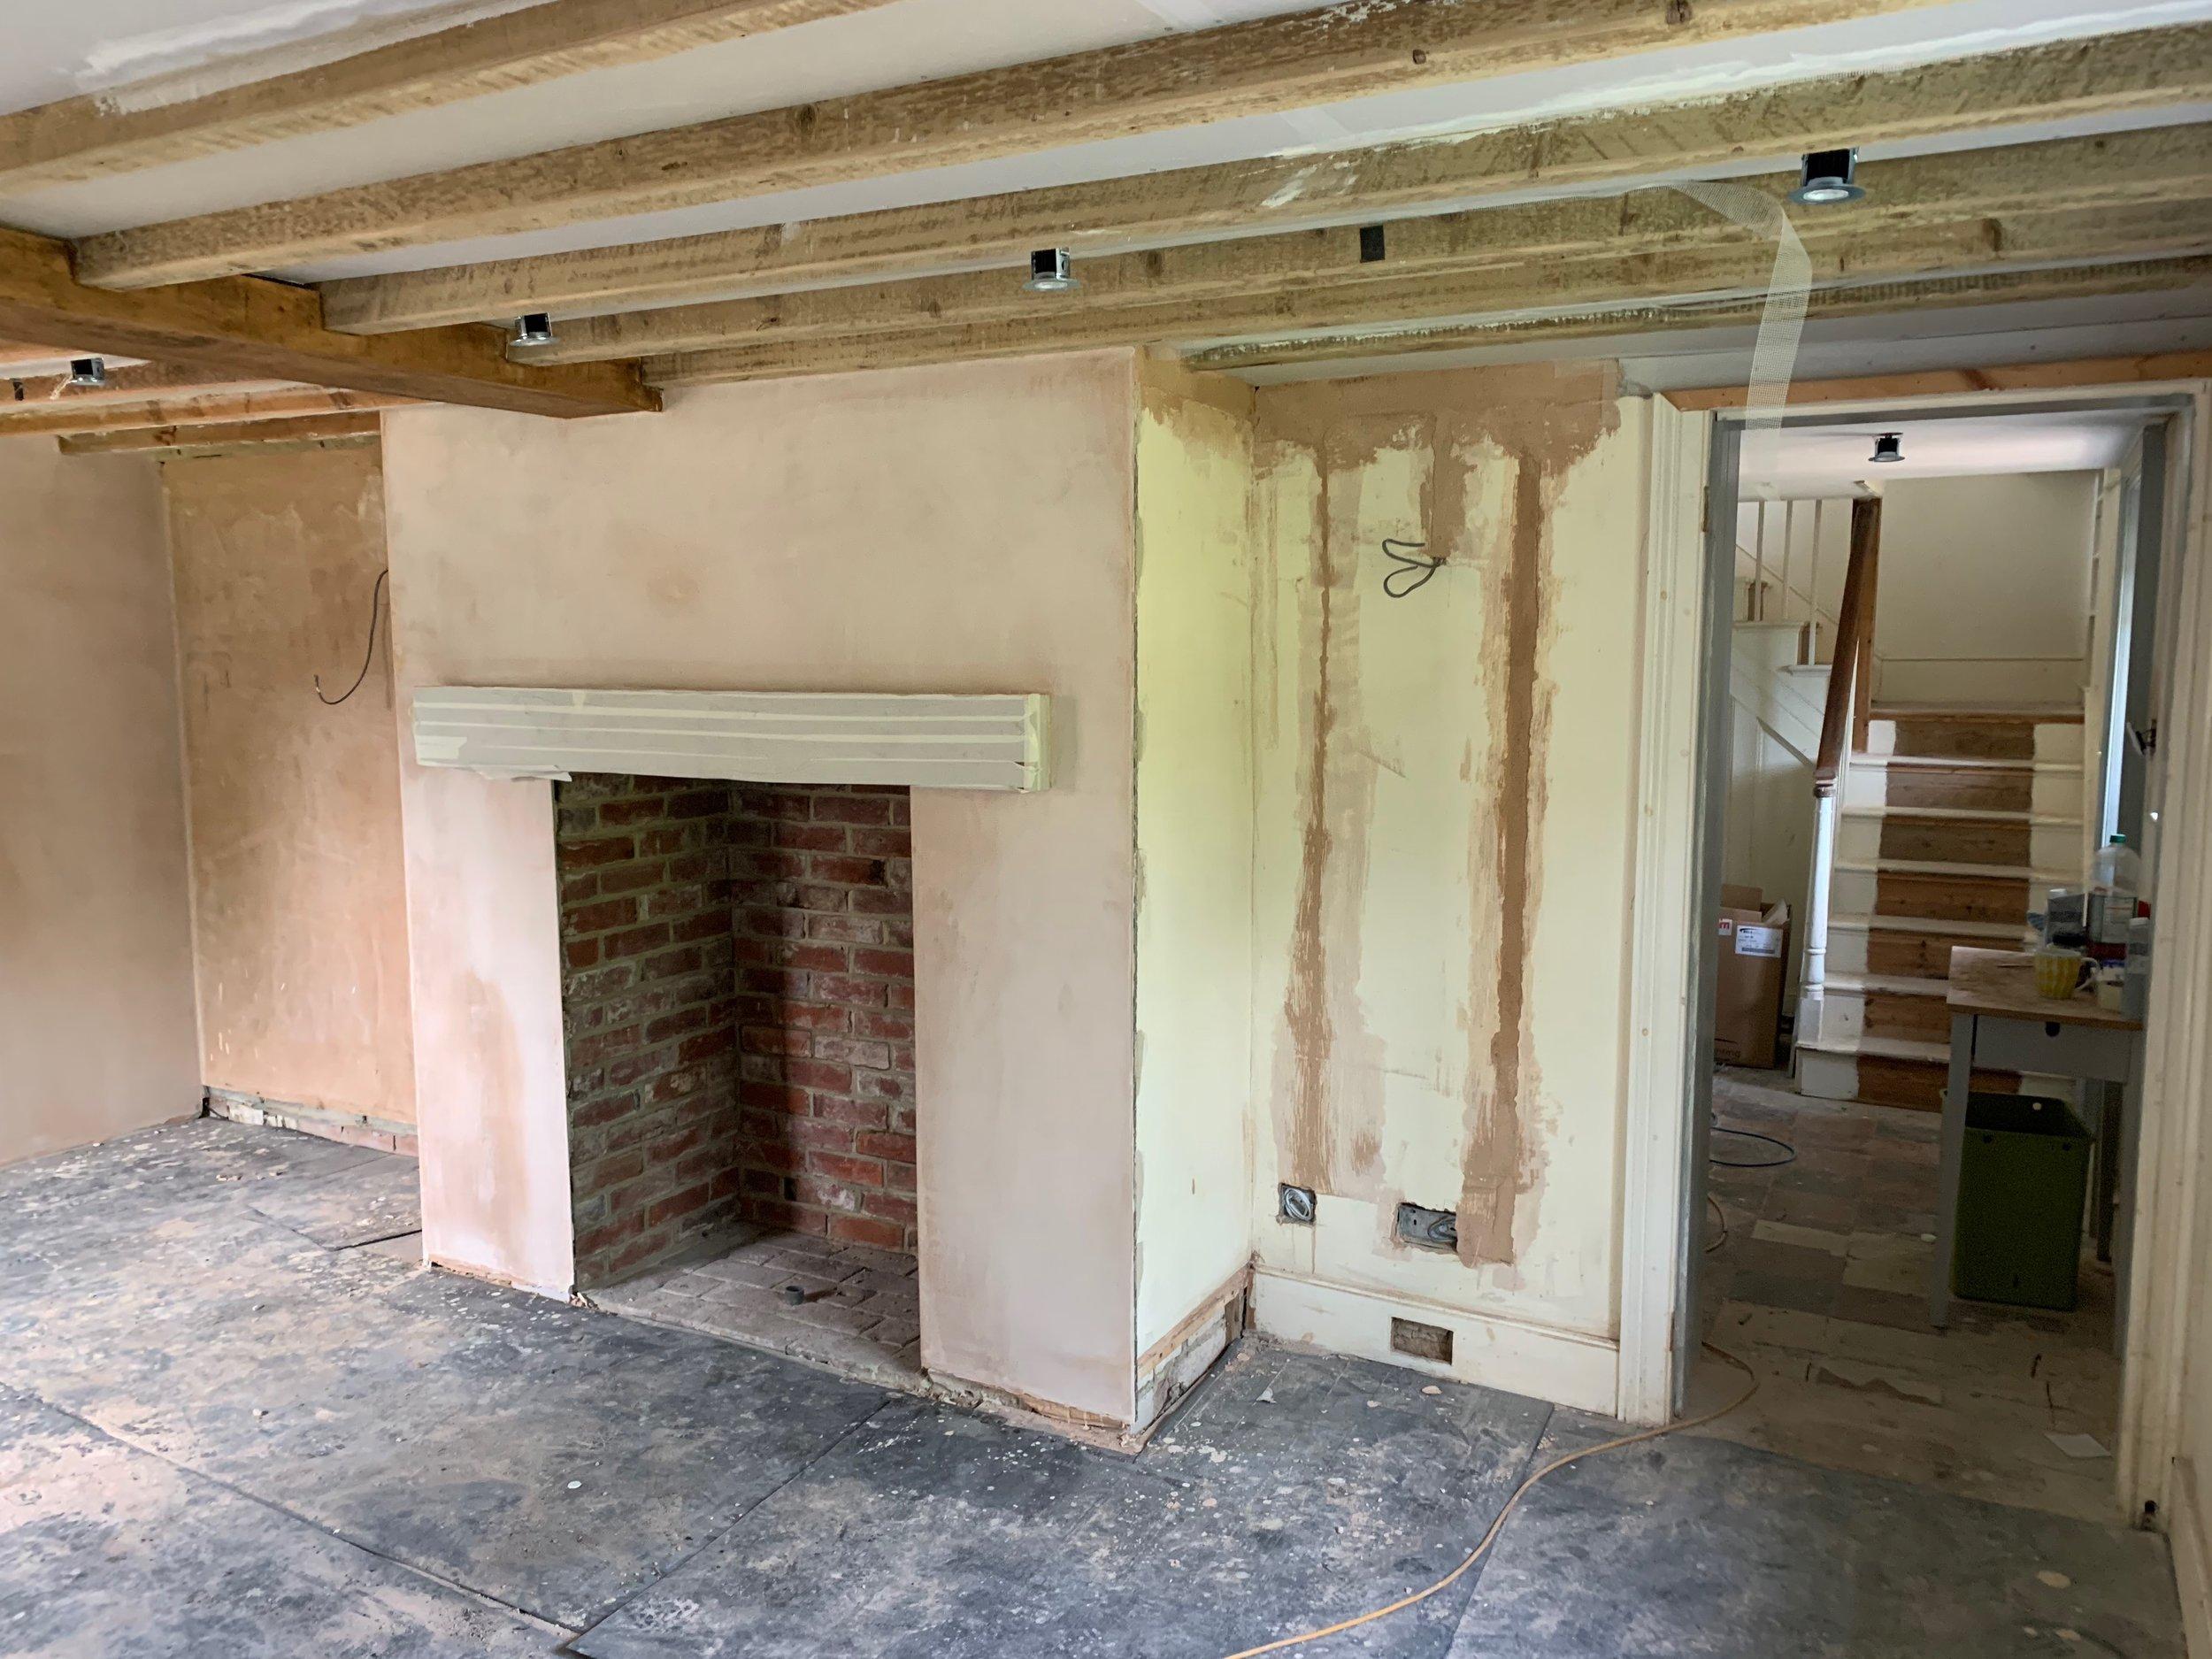 Front room plastering is in-progress